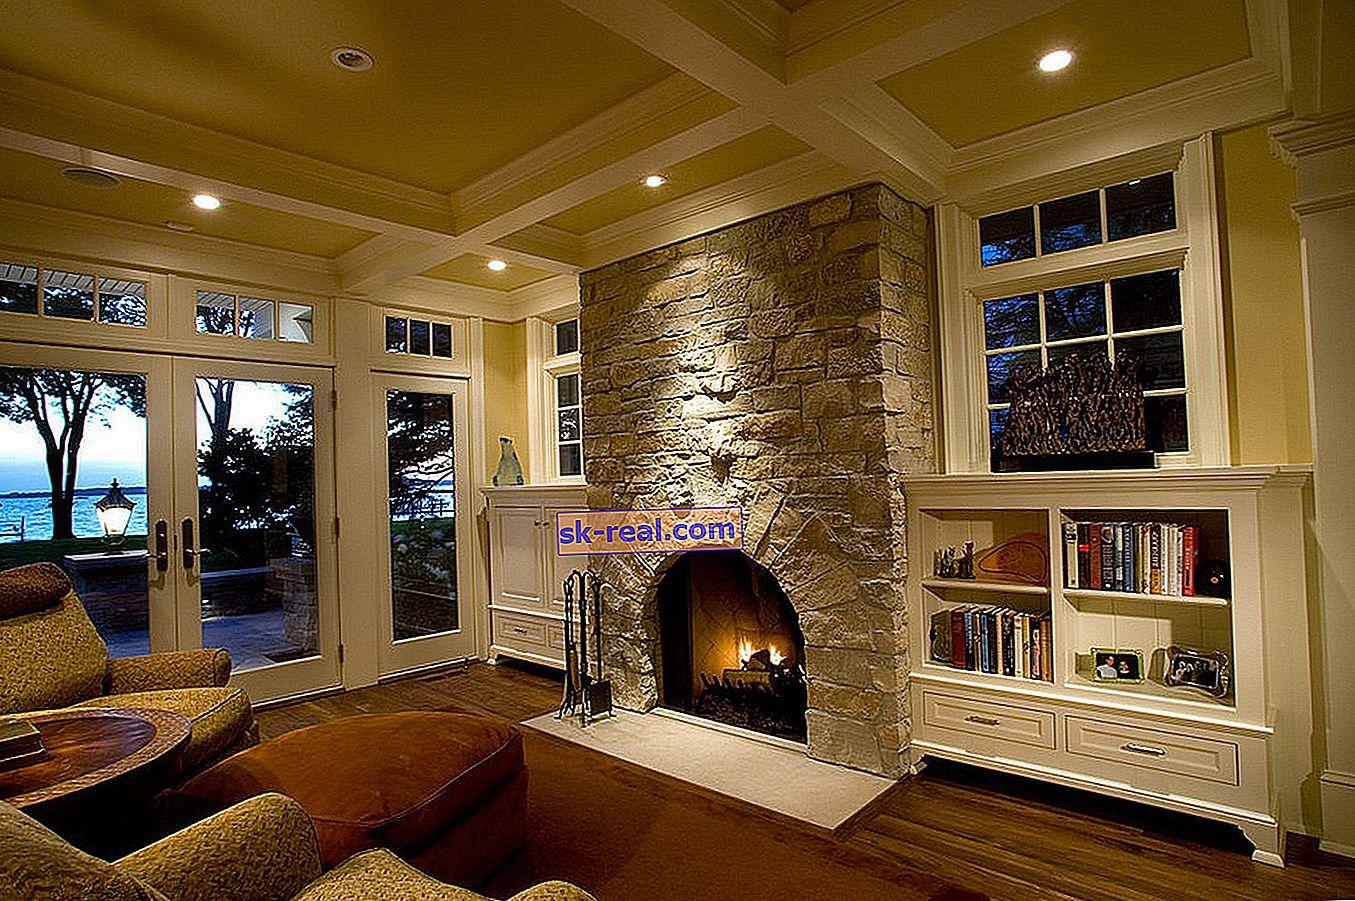 Dizajn dnevnog boravka s kaminom u privatnoj kući